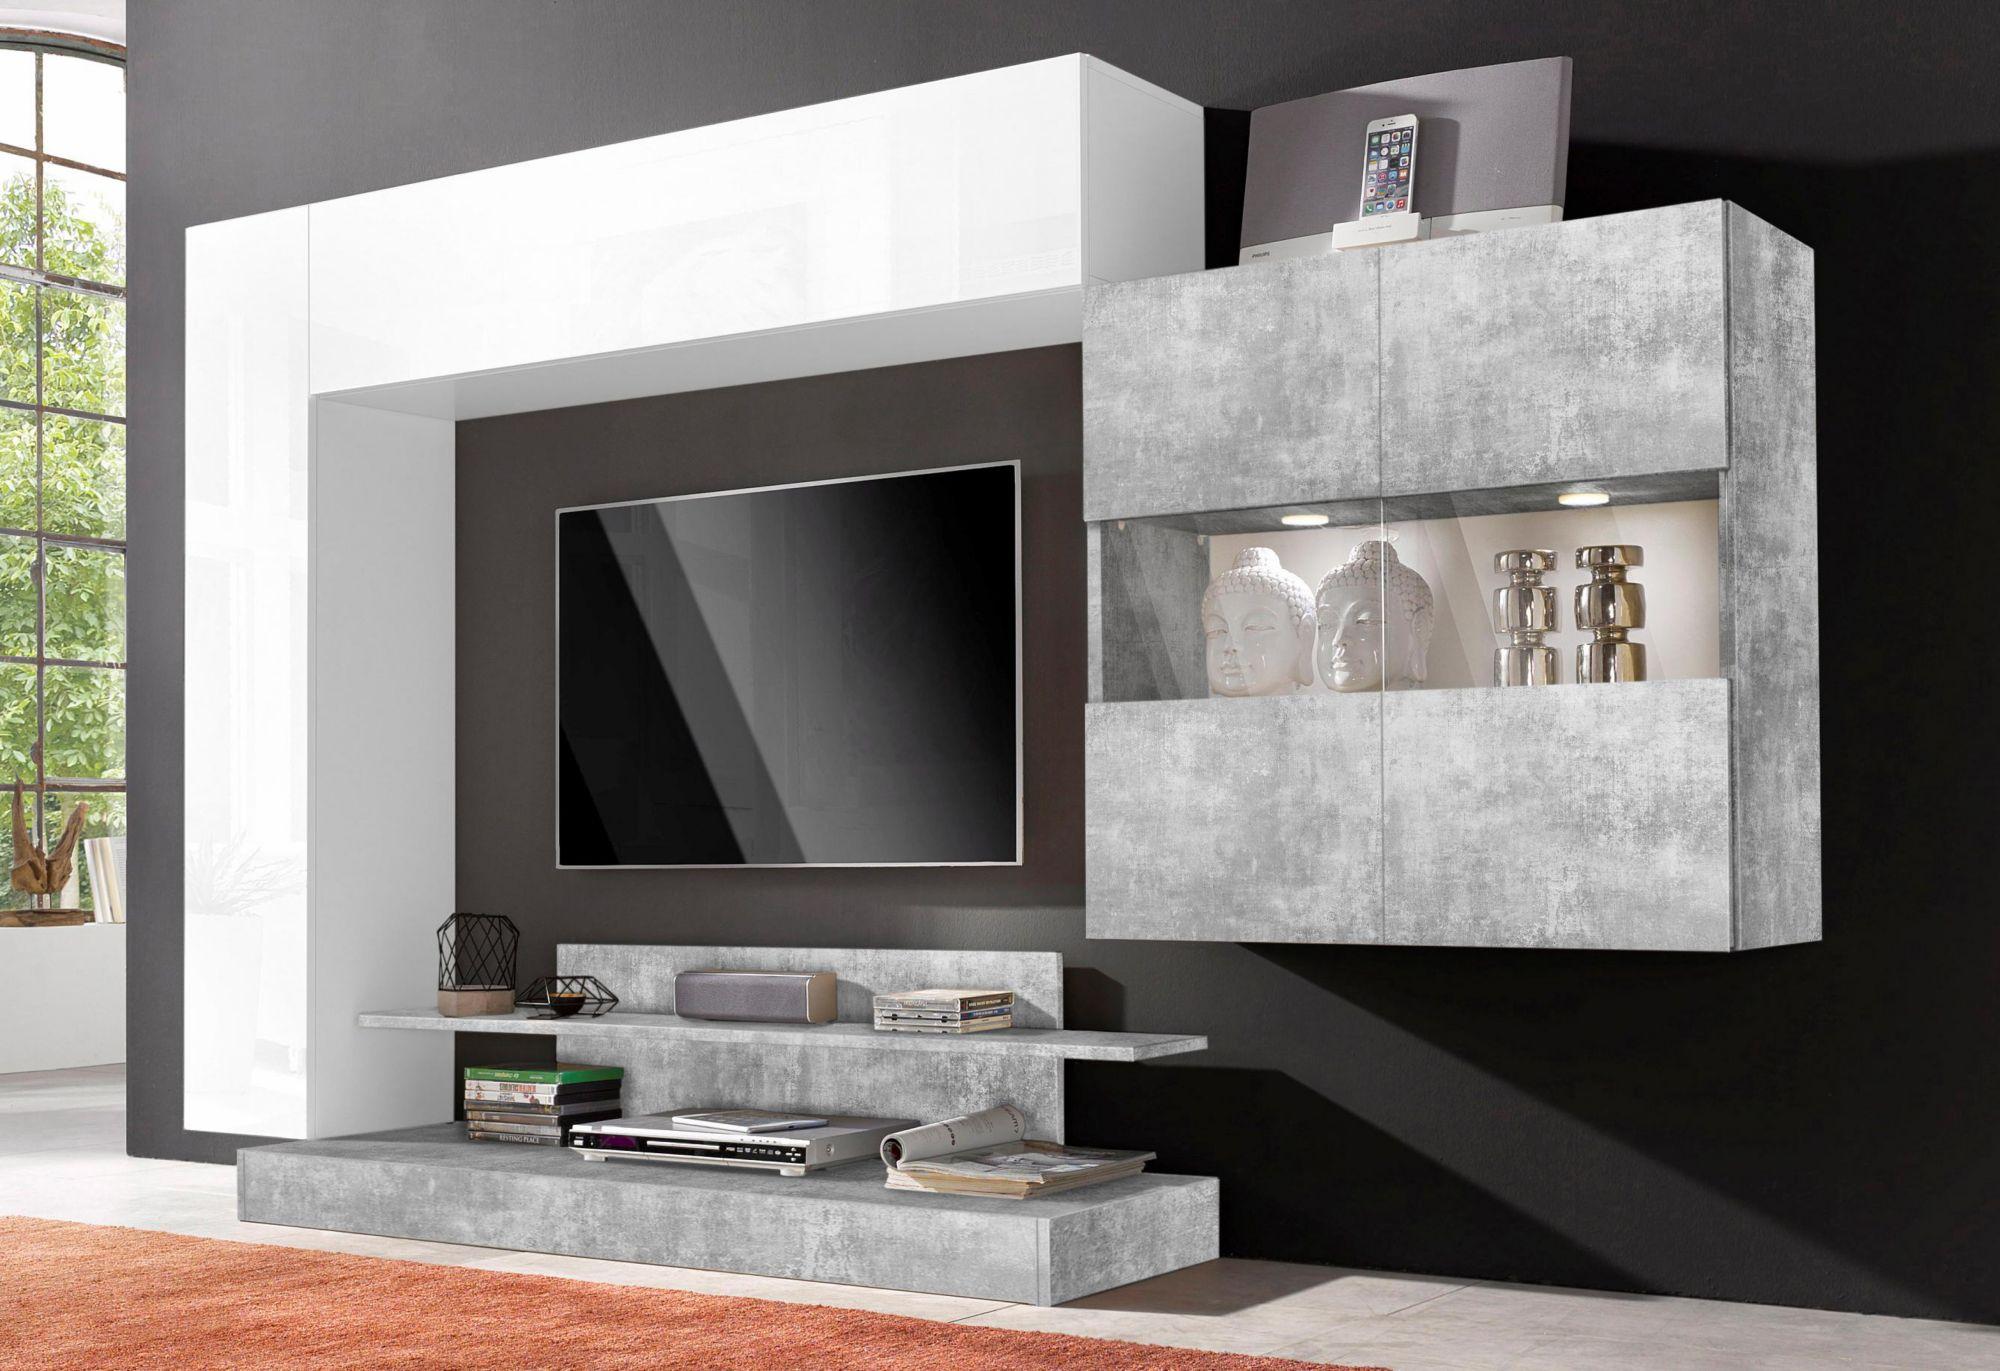 Wohnwand g nstig online kaufen beim schwab versand for Tv wohnwand modern